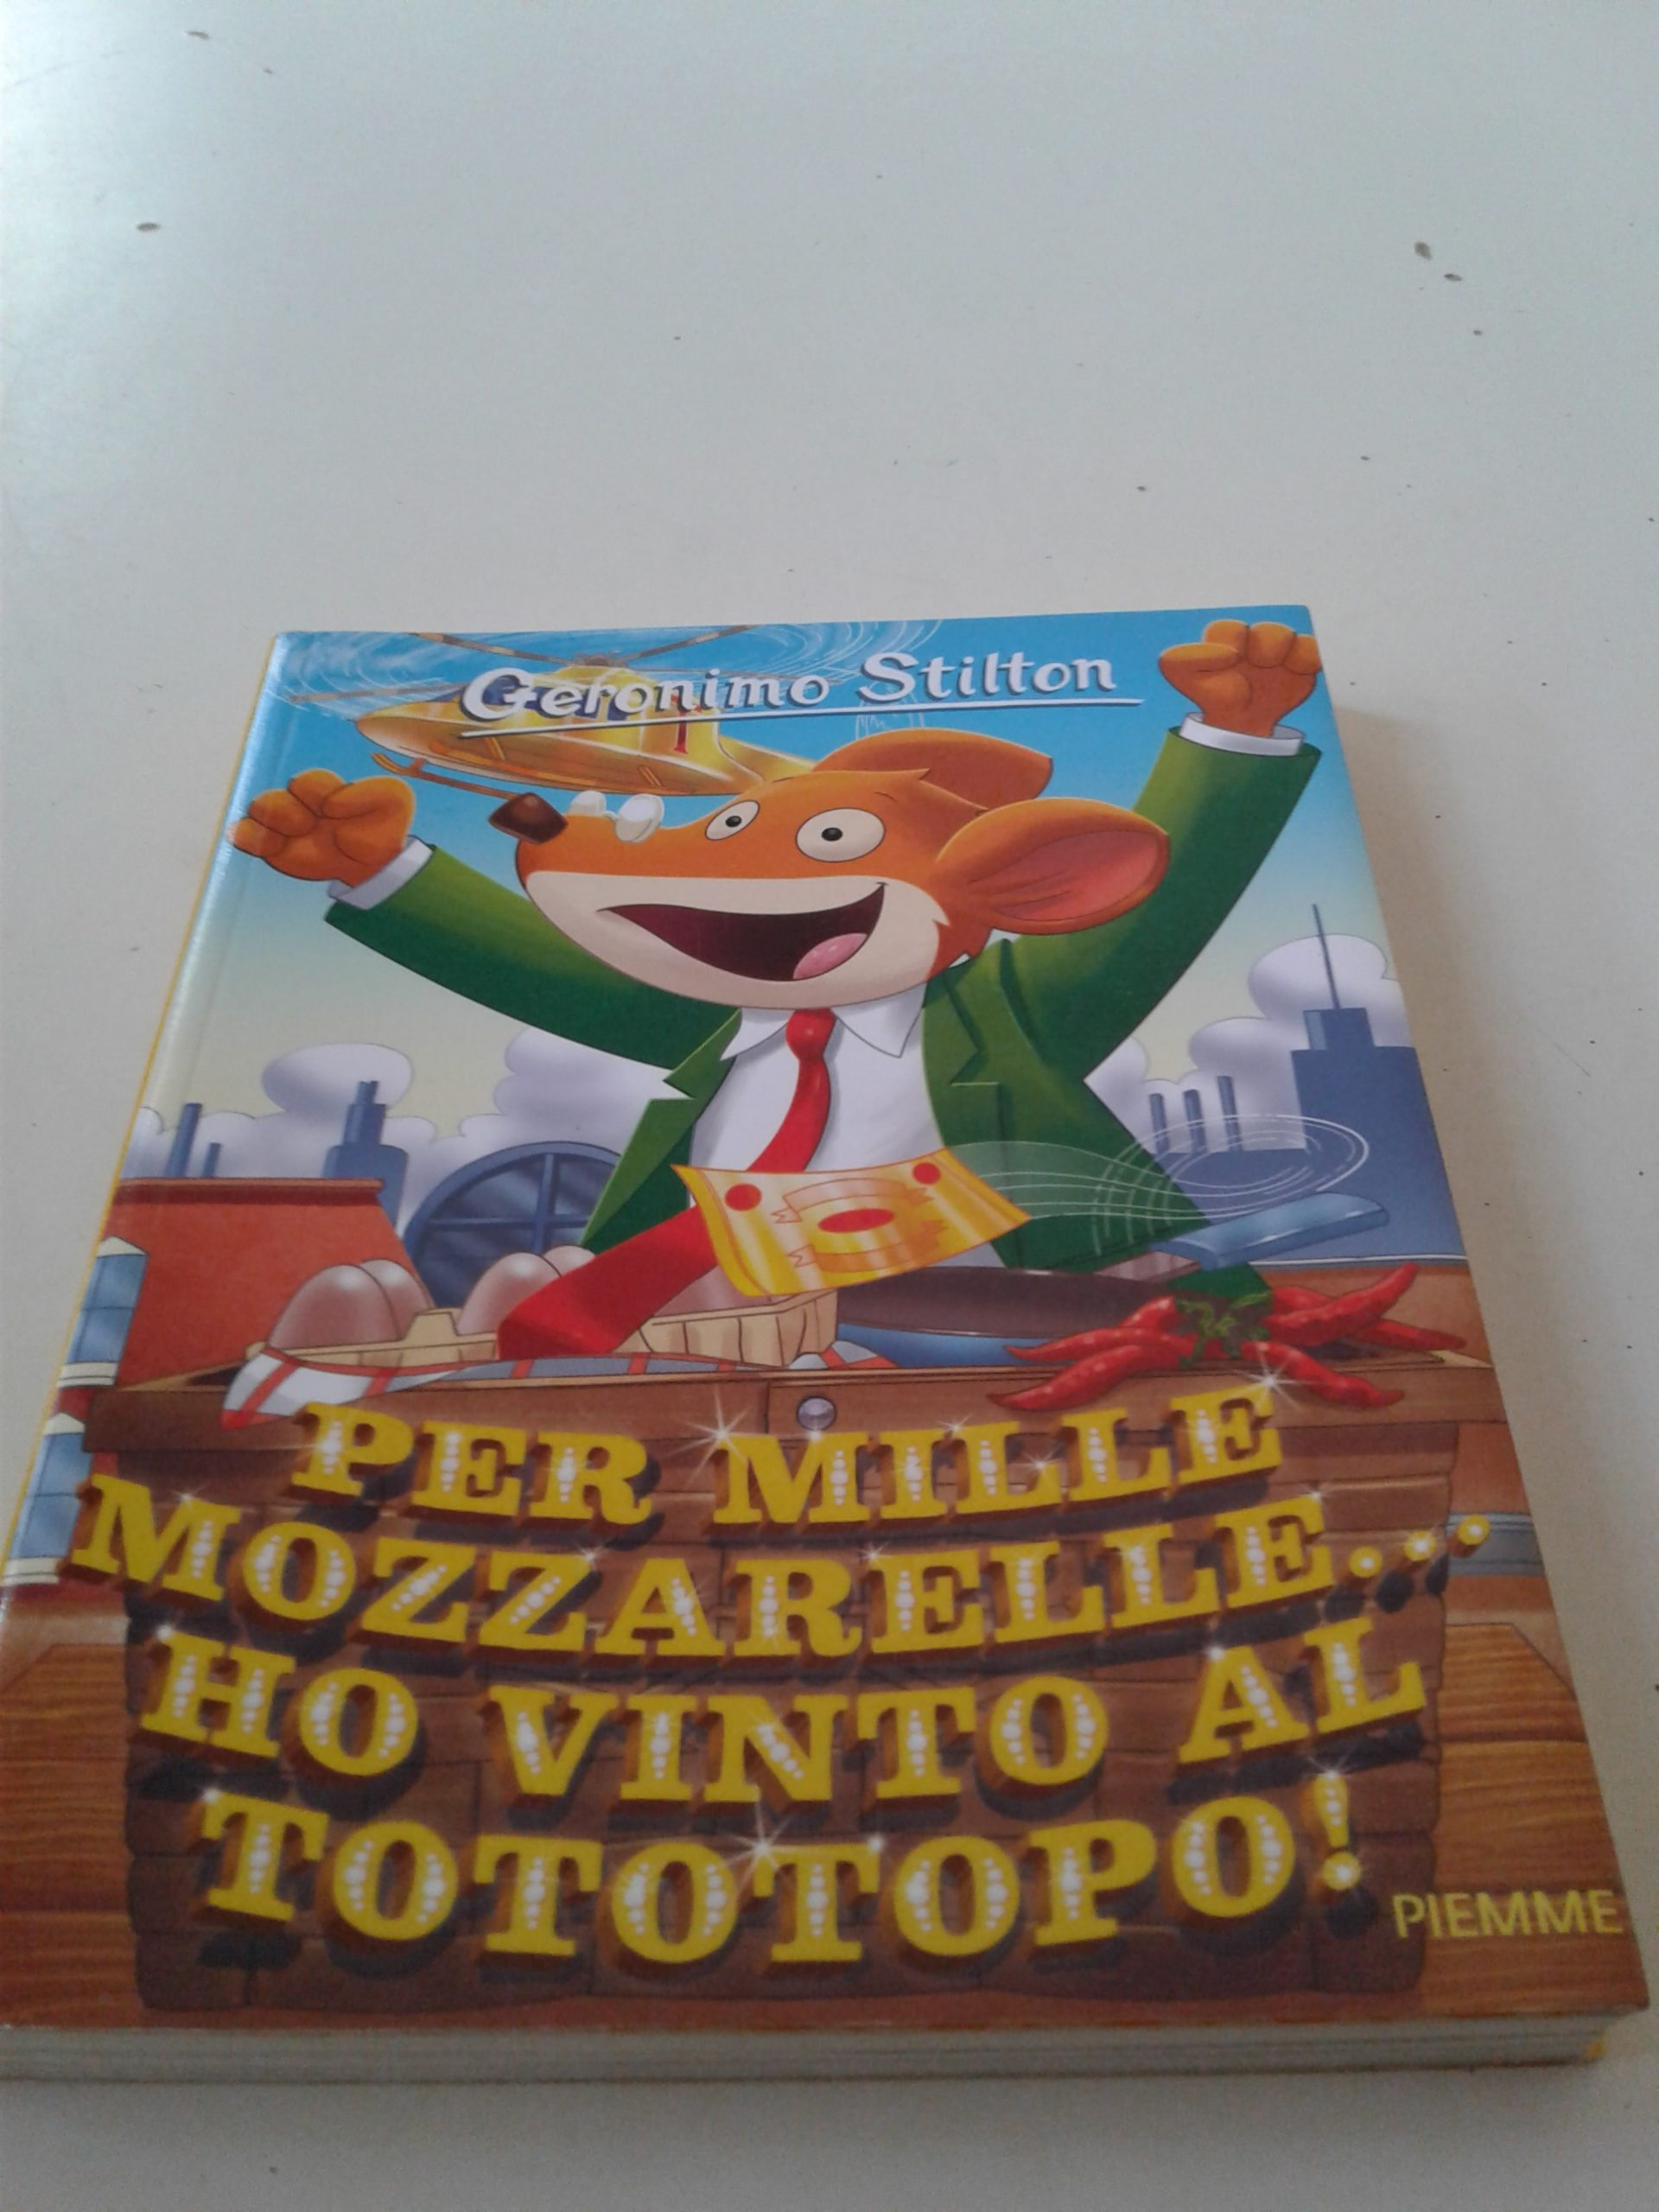 Geronimo Stilton Per Mille Mozzarelle